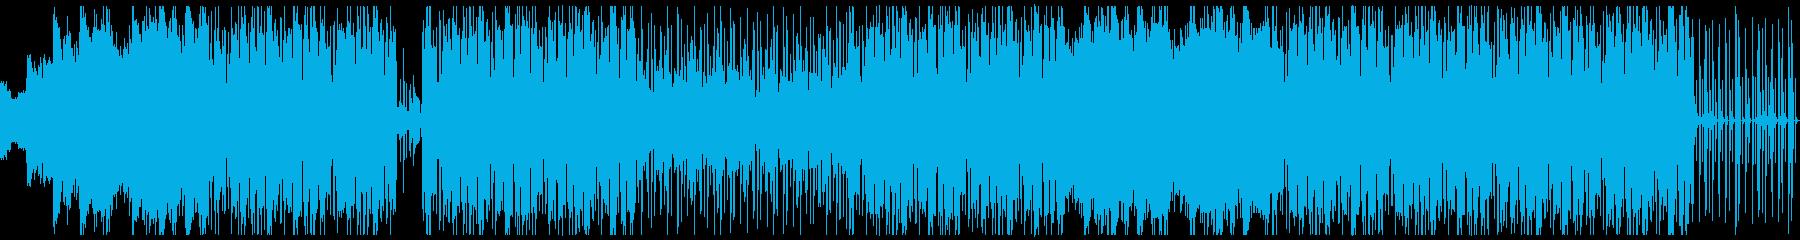 優しいローファイHIPHOPの再生済みの波形